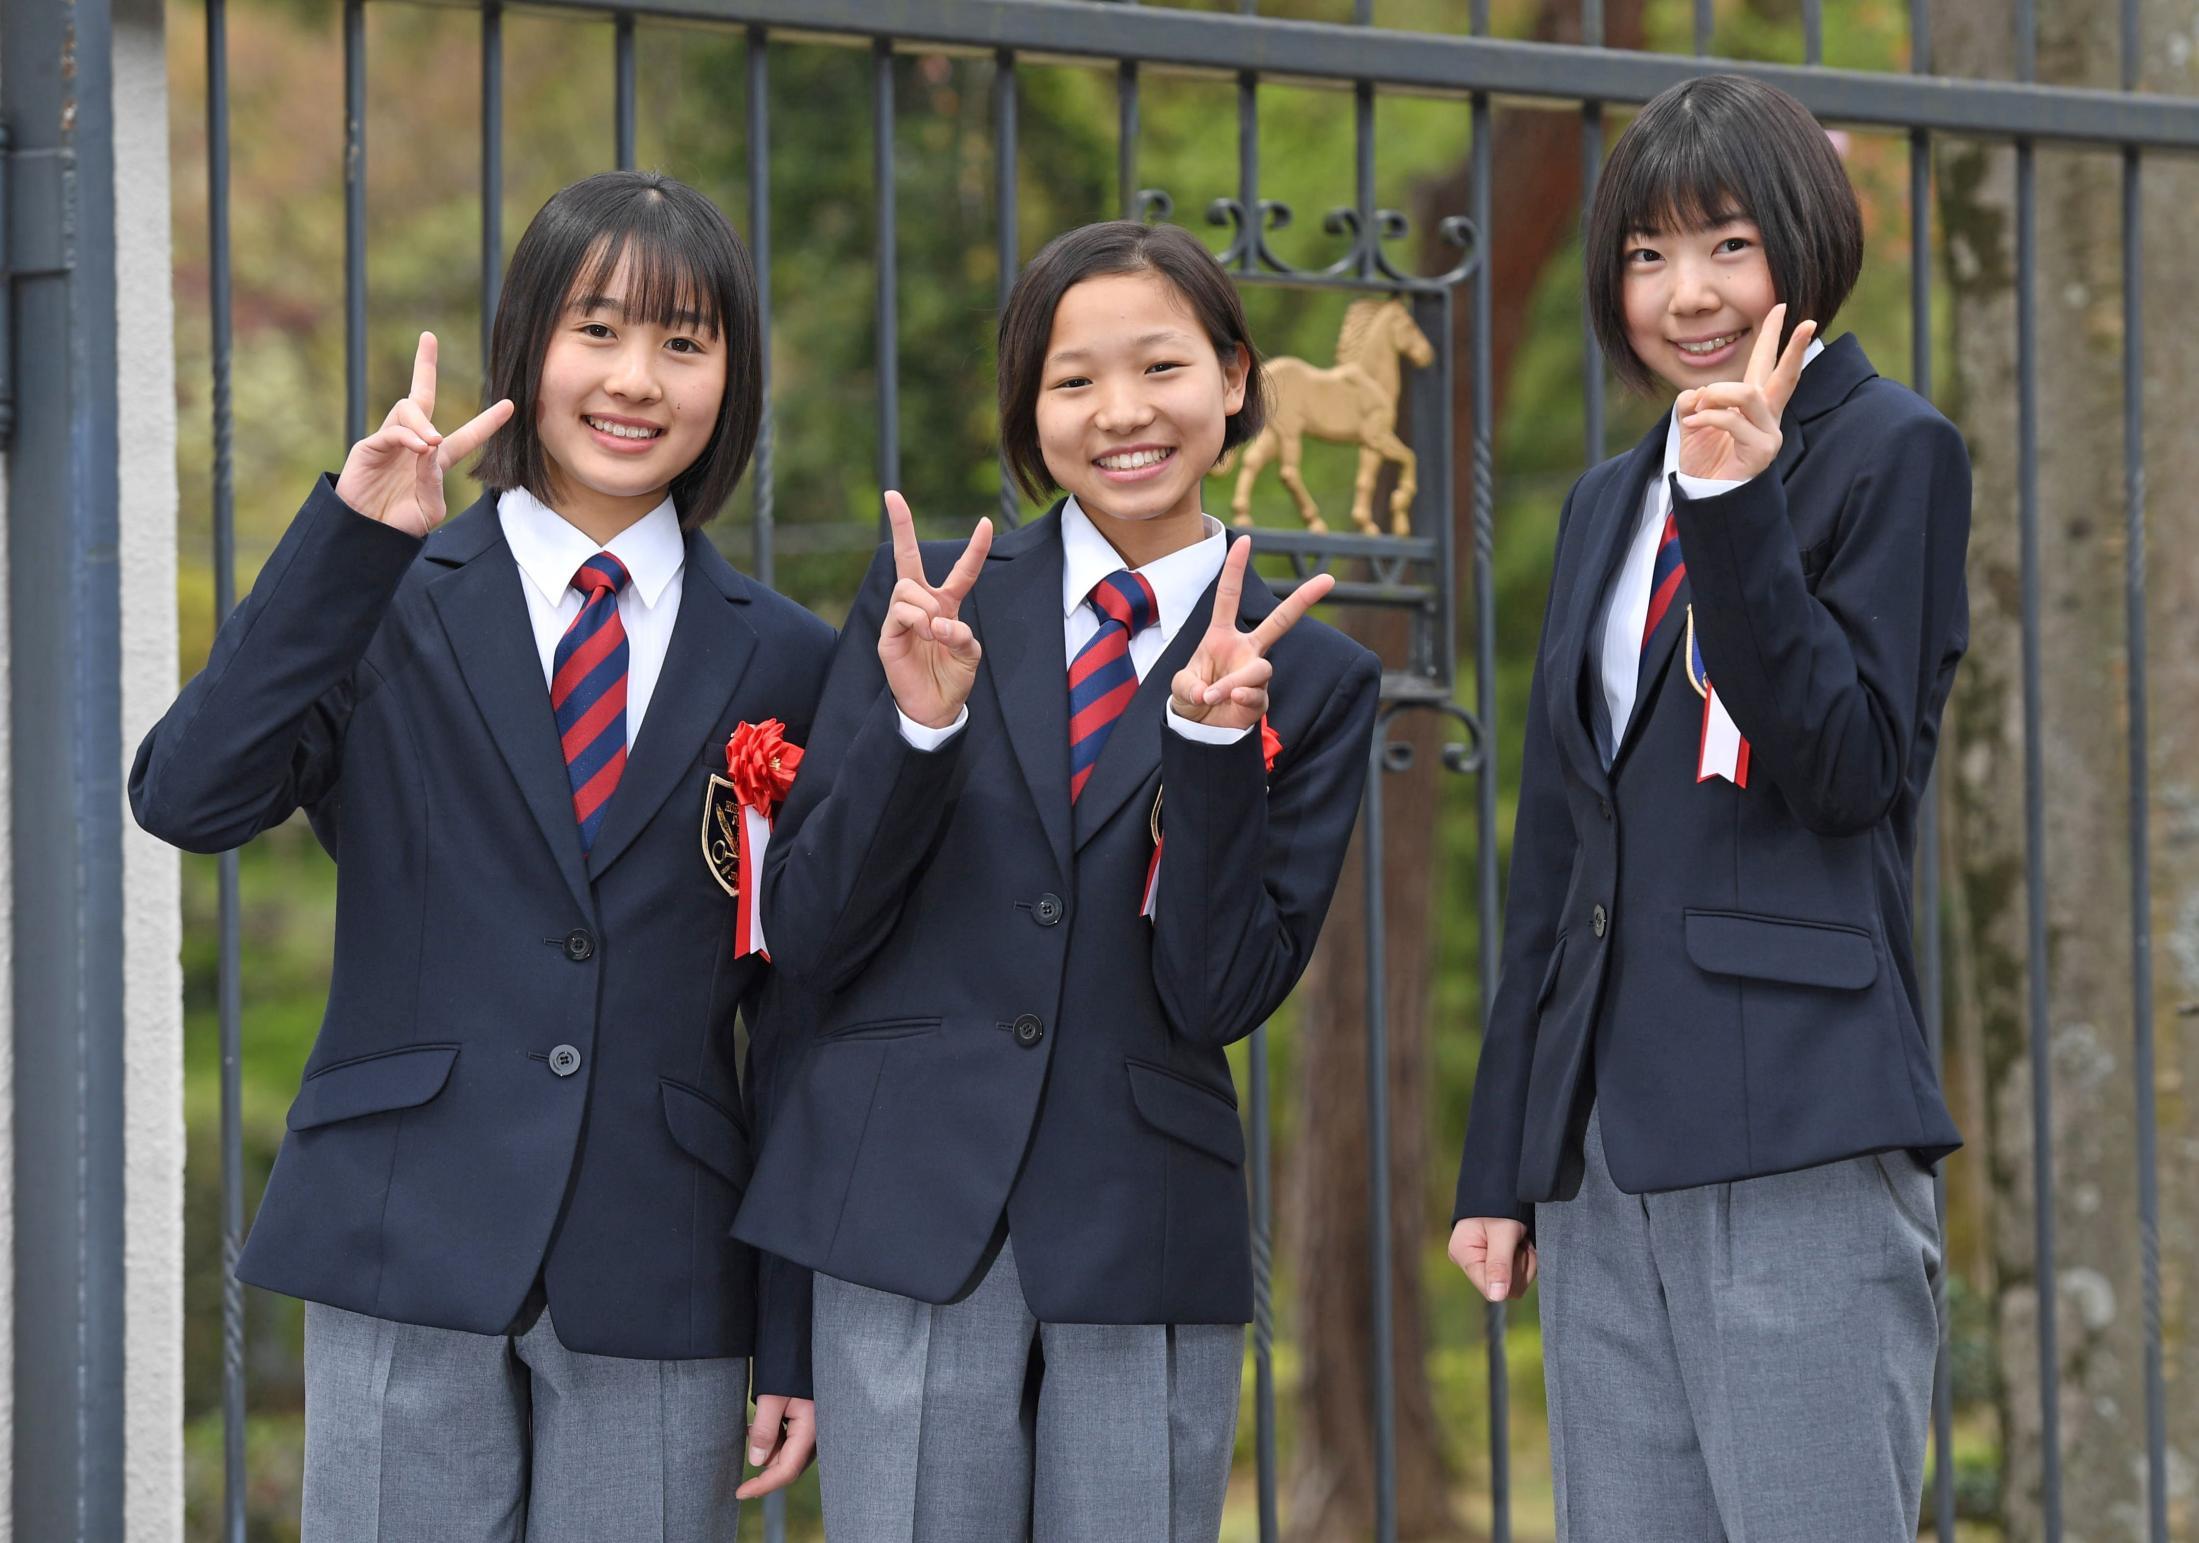 入学式で笑顔をみせる騎手課程39期生の(左から)大江原比呂、小林美駒、河原田菜々